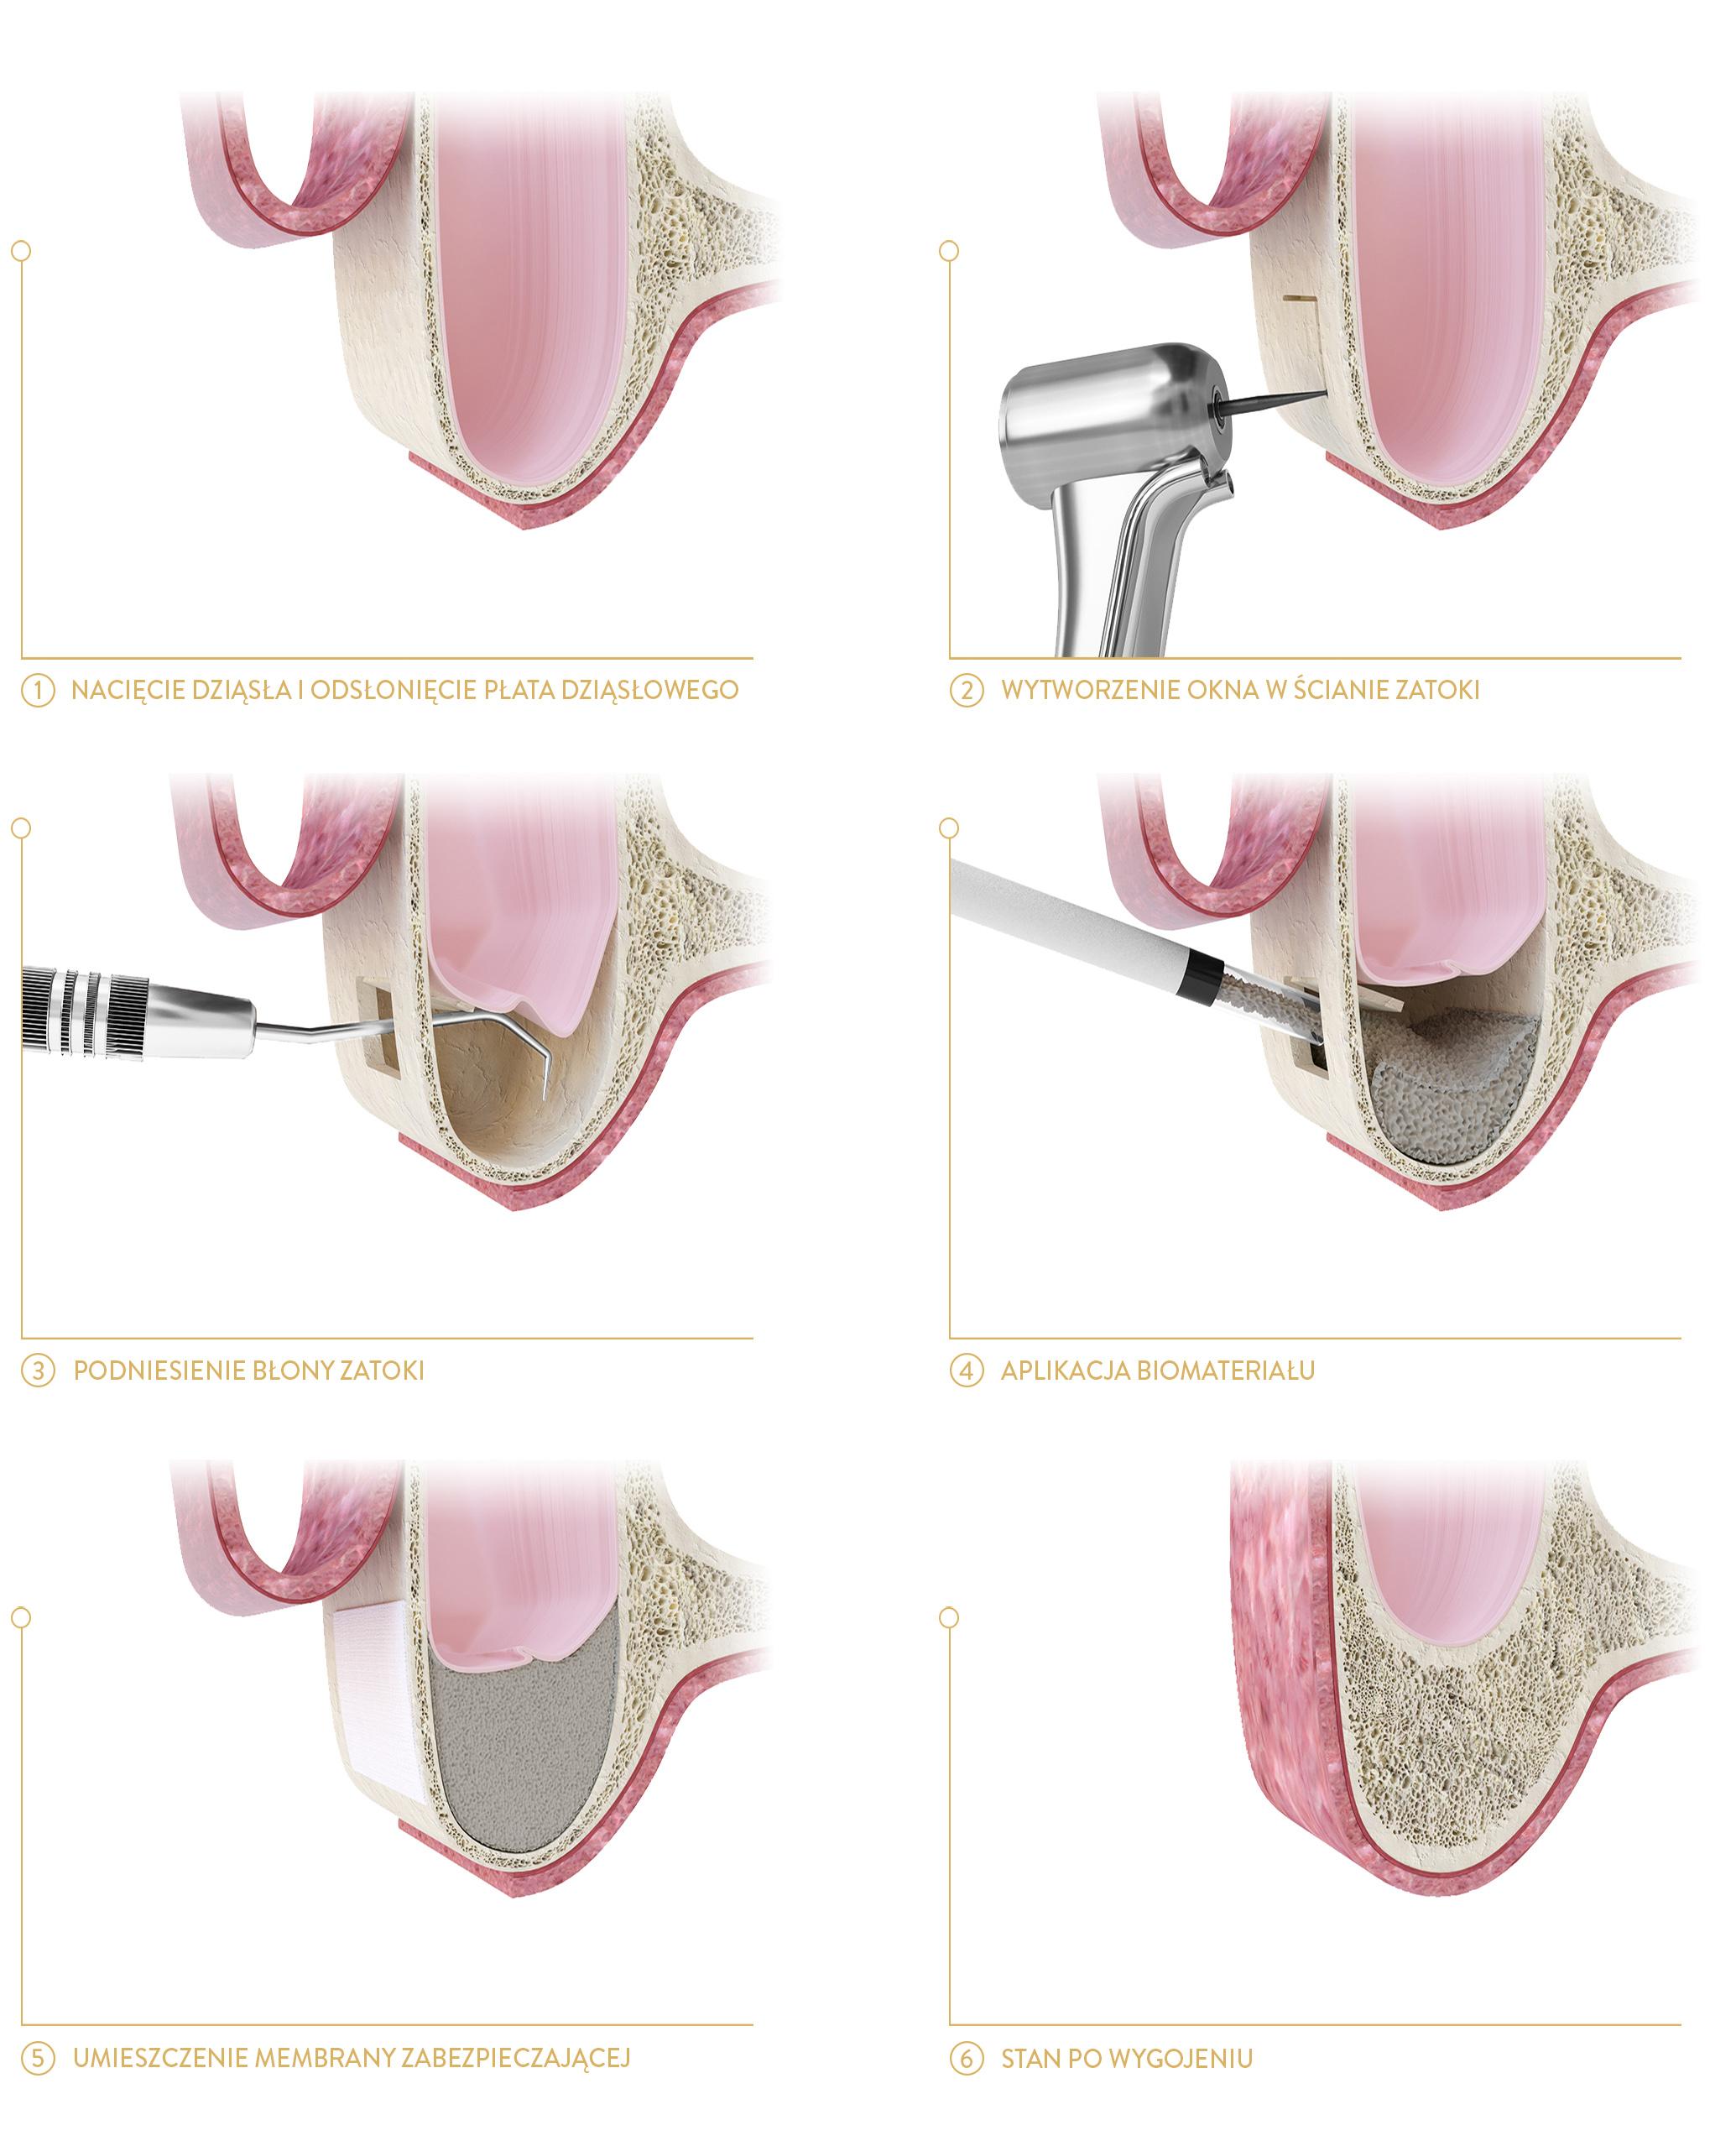 Podniesienie dna zatoki - implanty cichoń kraków